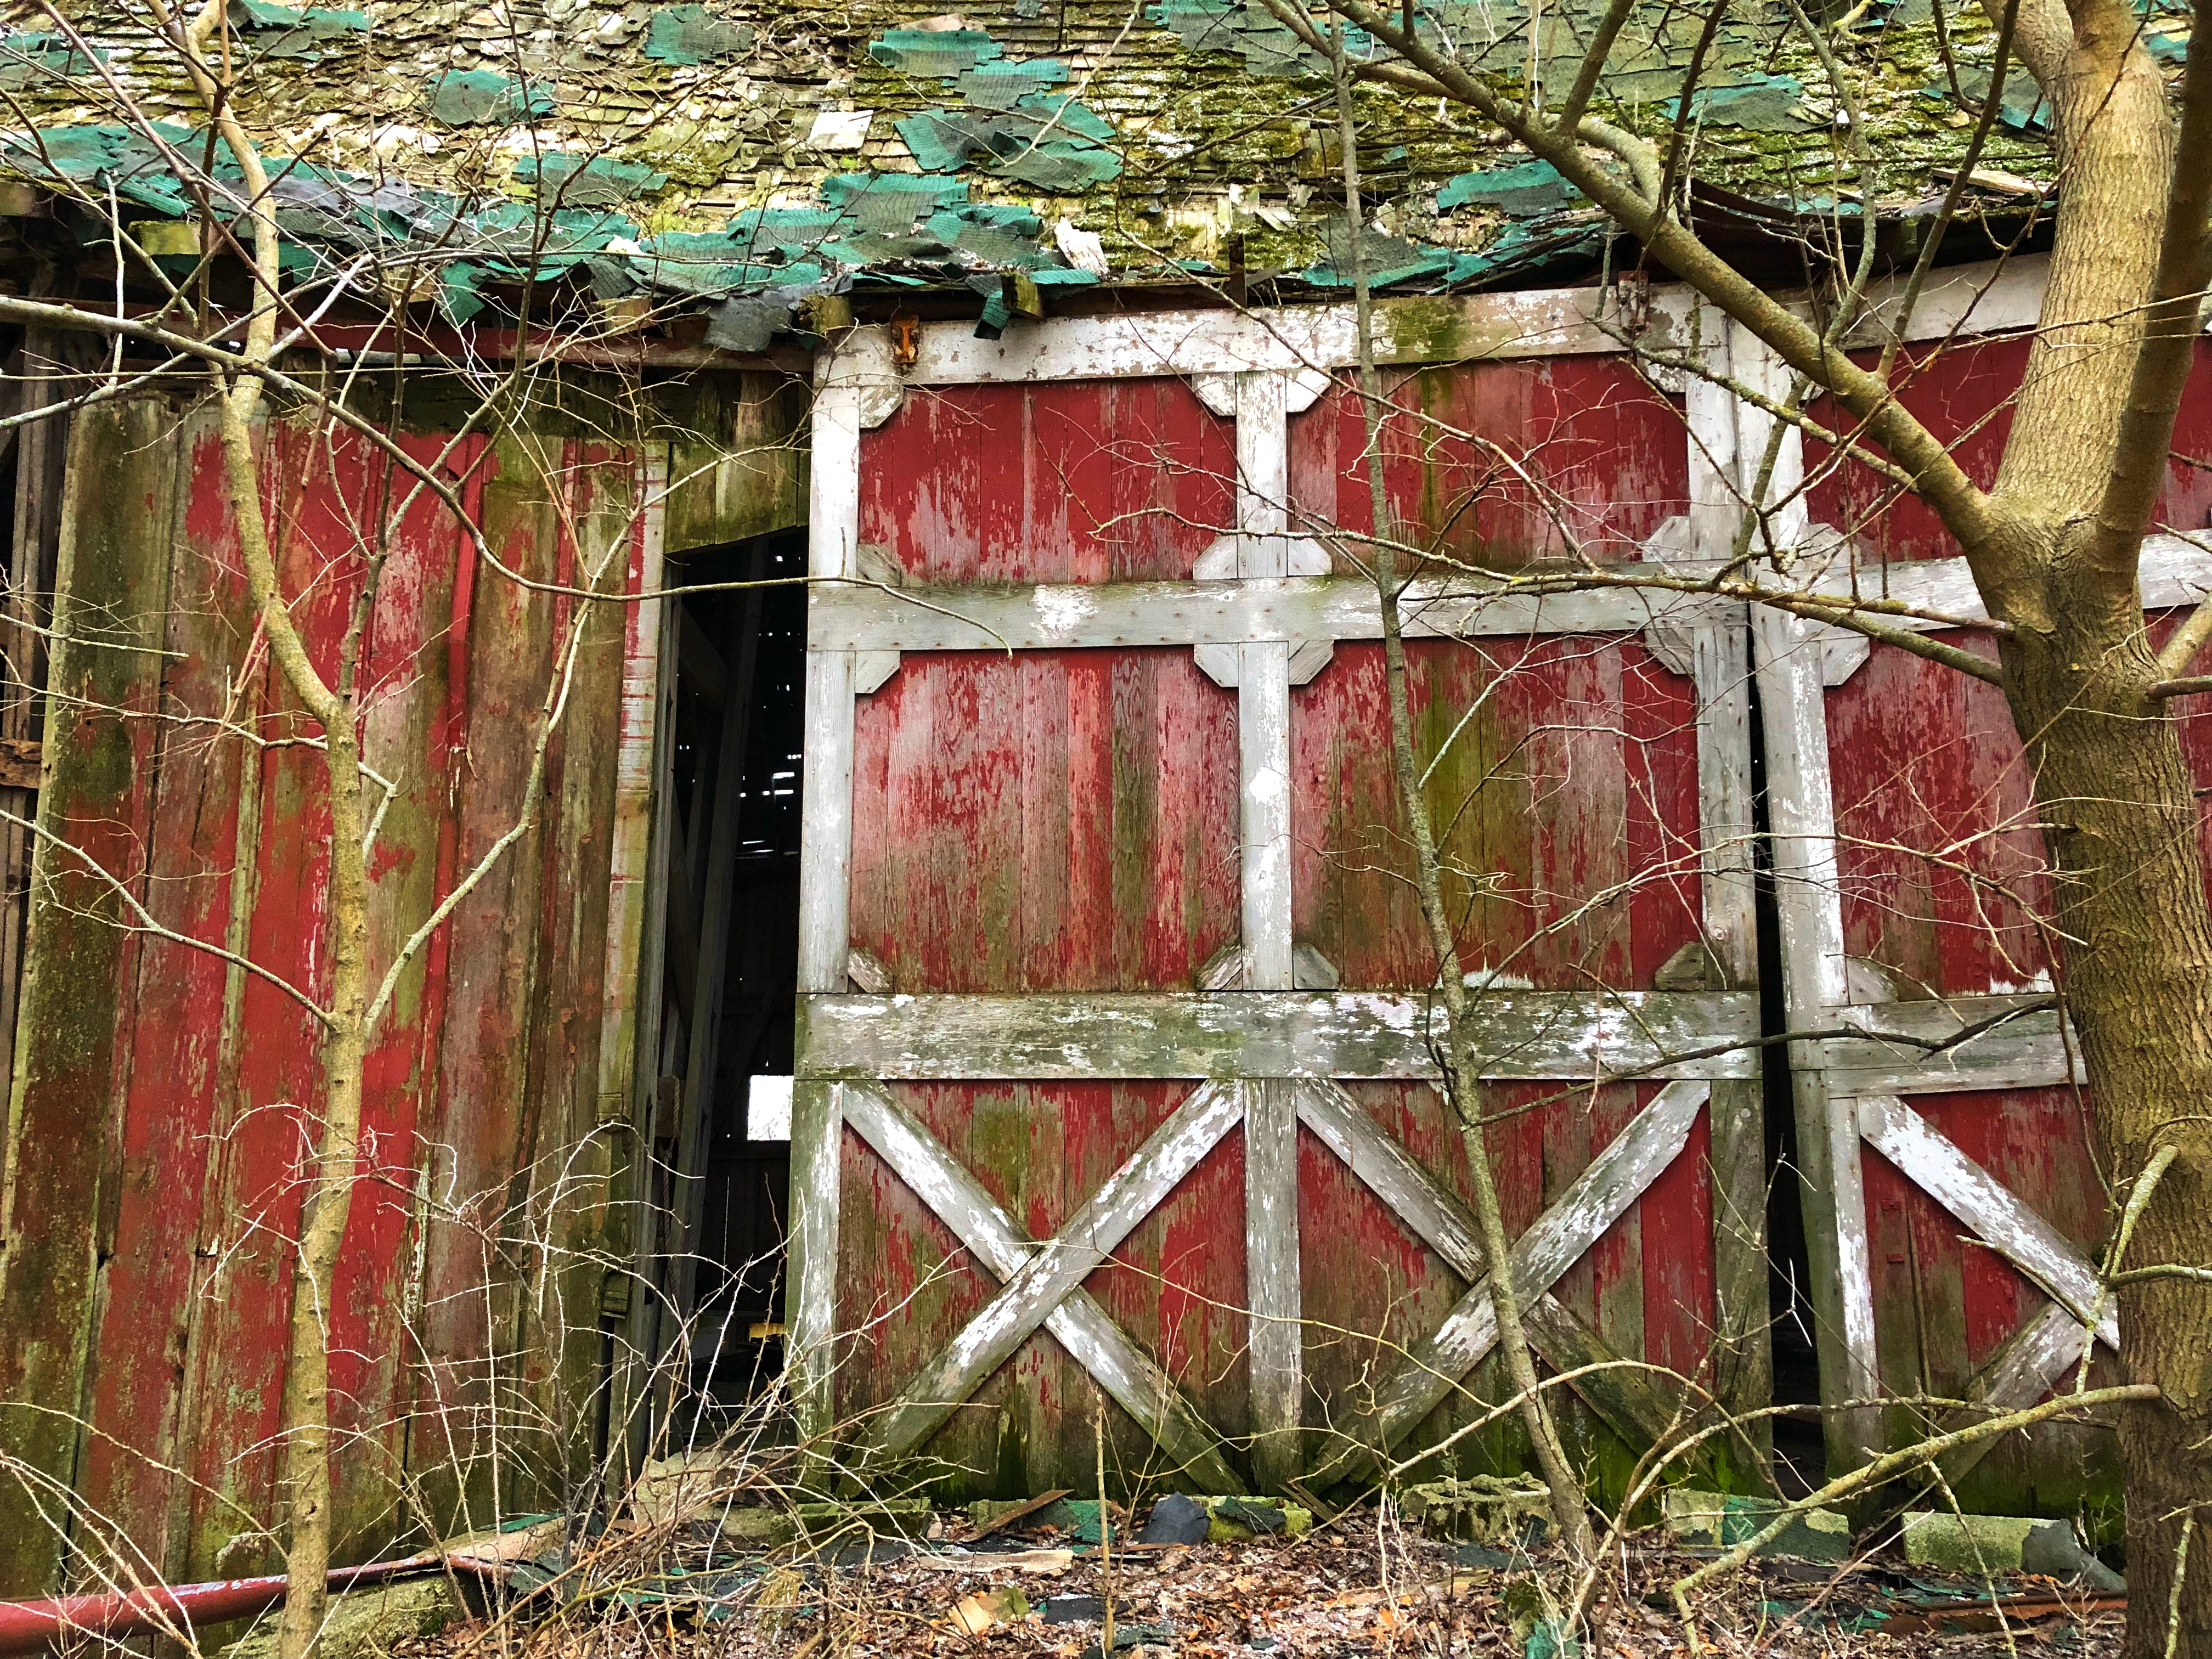 File:Red Barn Door